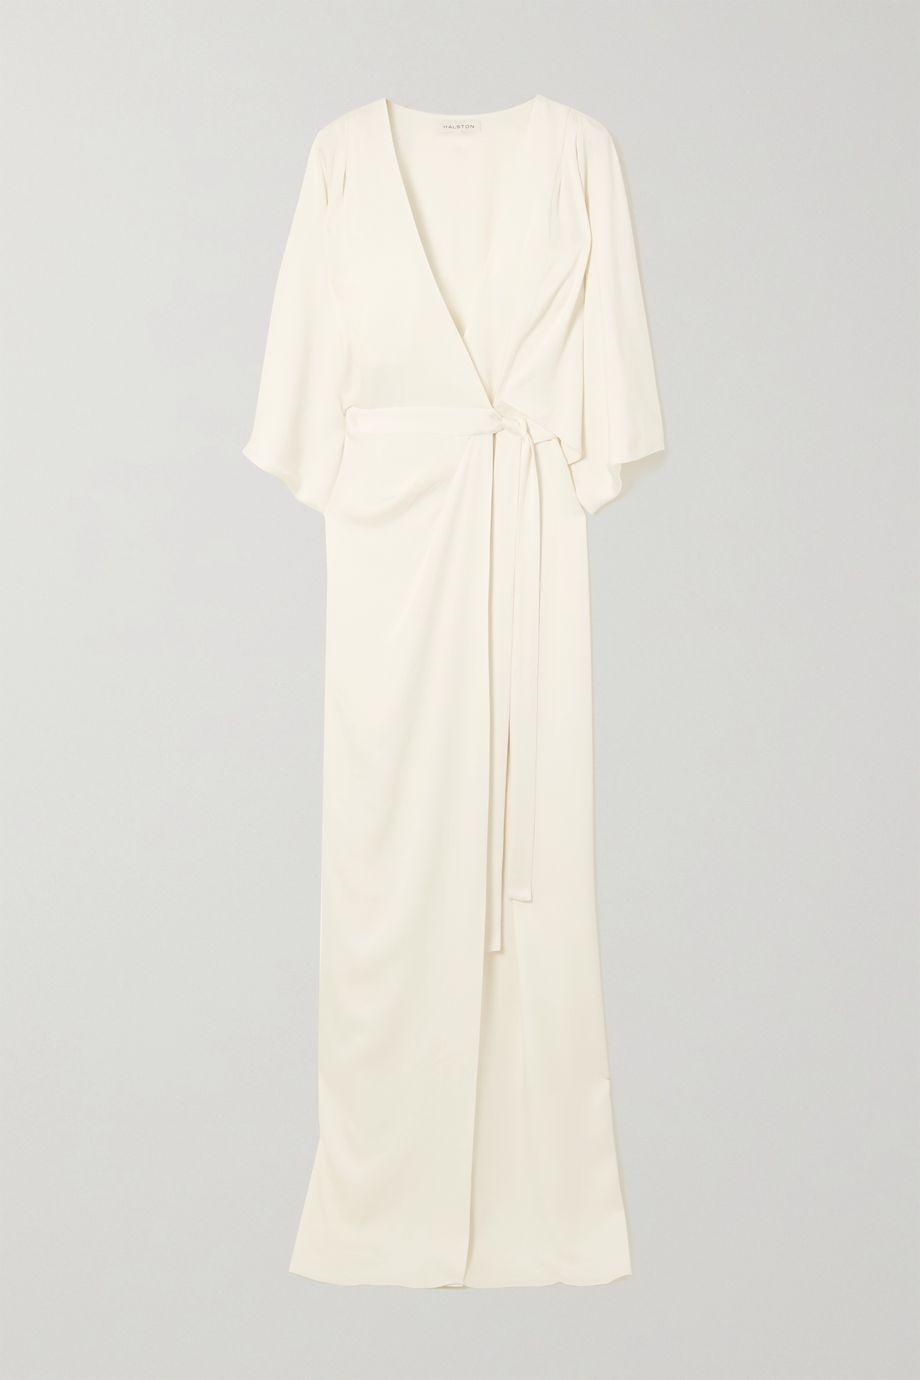 Halston Draped satin wrap gown